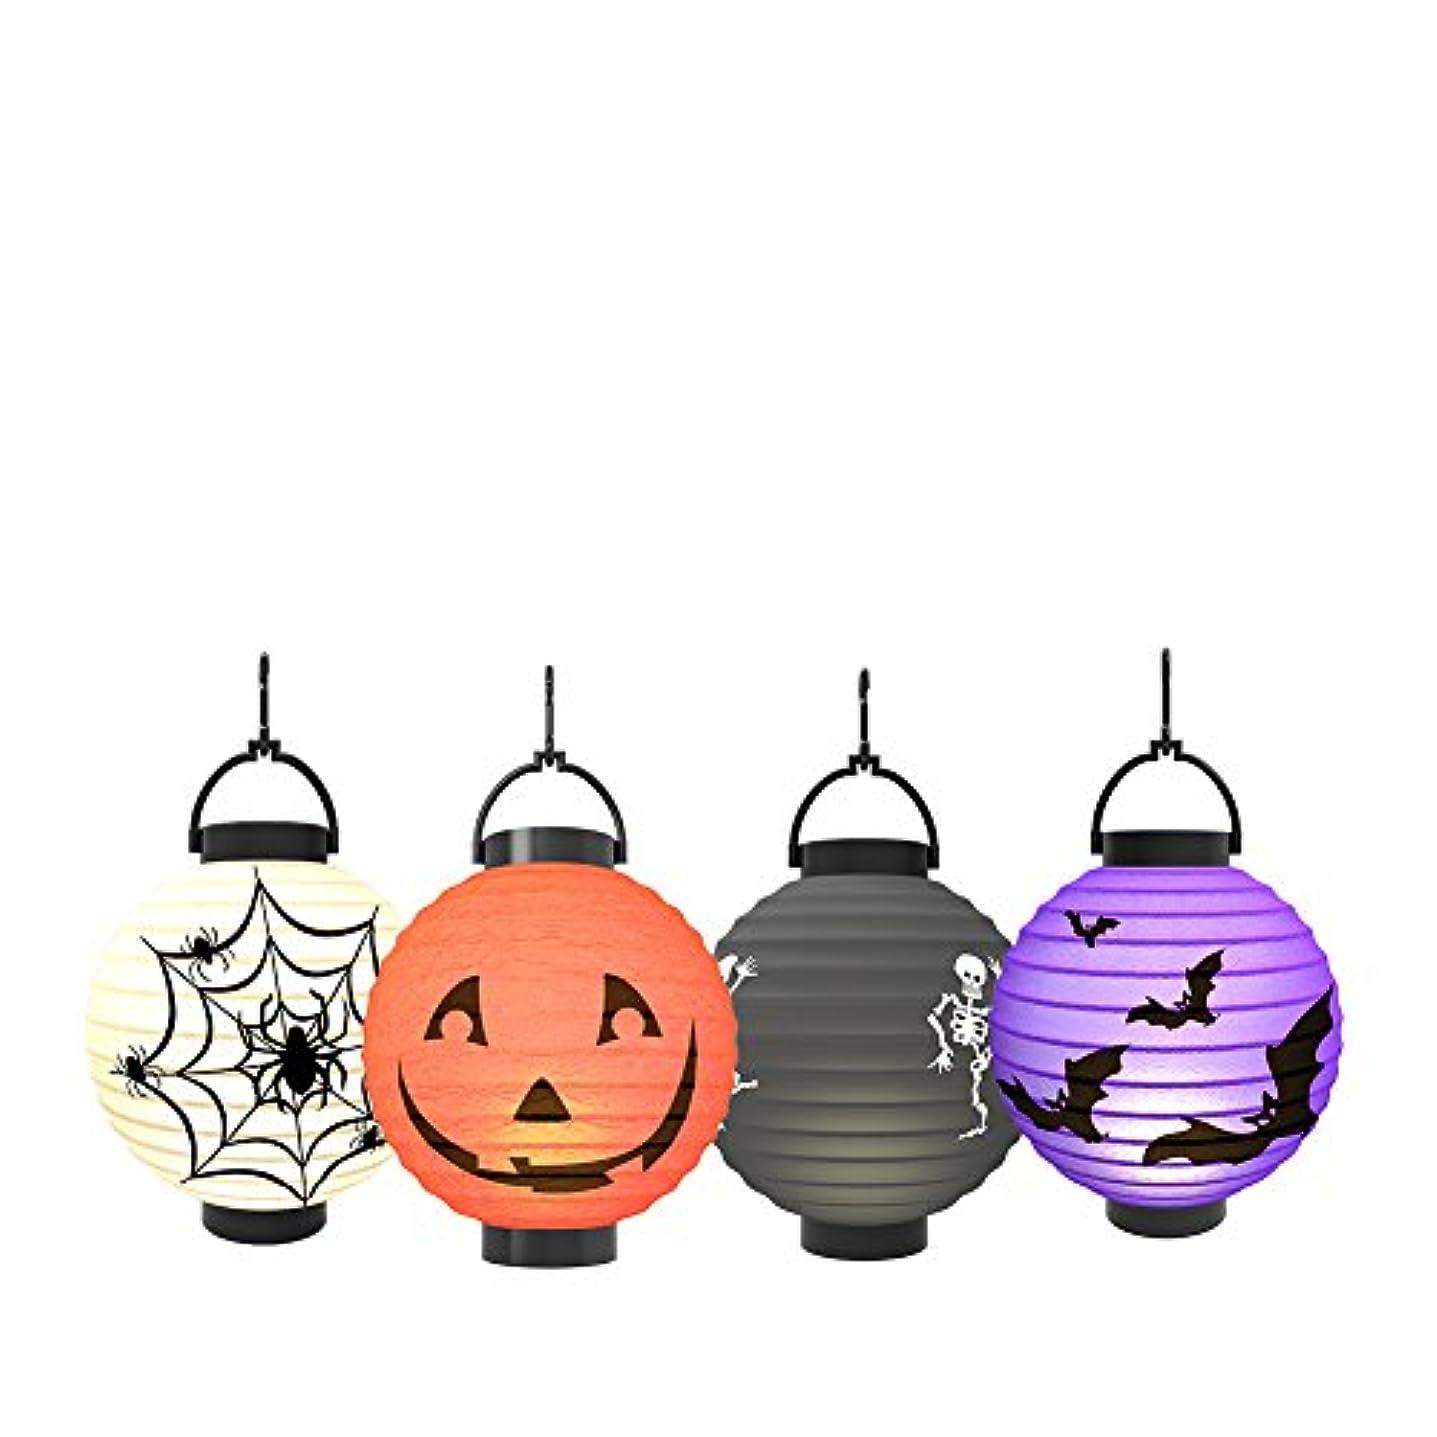 汚れた記述する熱心な(colourful) - Halloween Pumpkin Lantern - Jack o Lantern [4 Pack]LED Pumpkin Spider Bat Skeleton Light - Halloween Indoor Outdoor Holiday Party Decor Paper Lantern